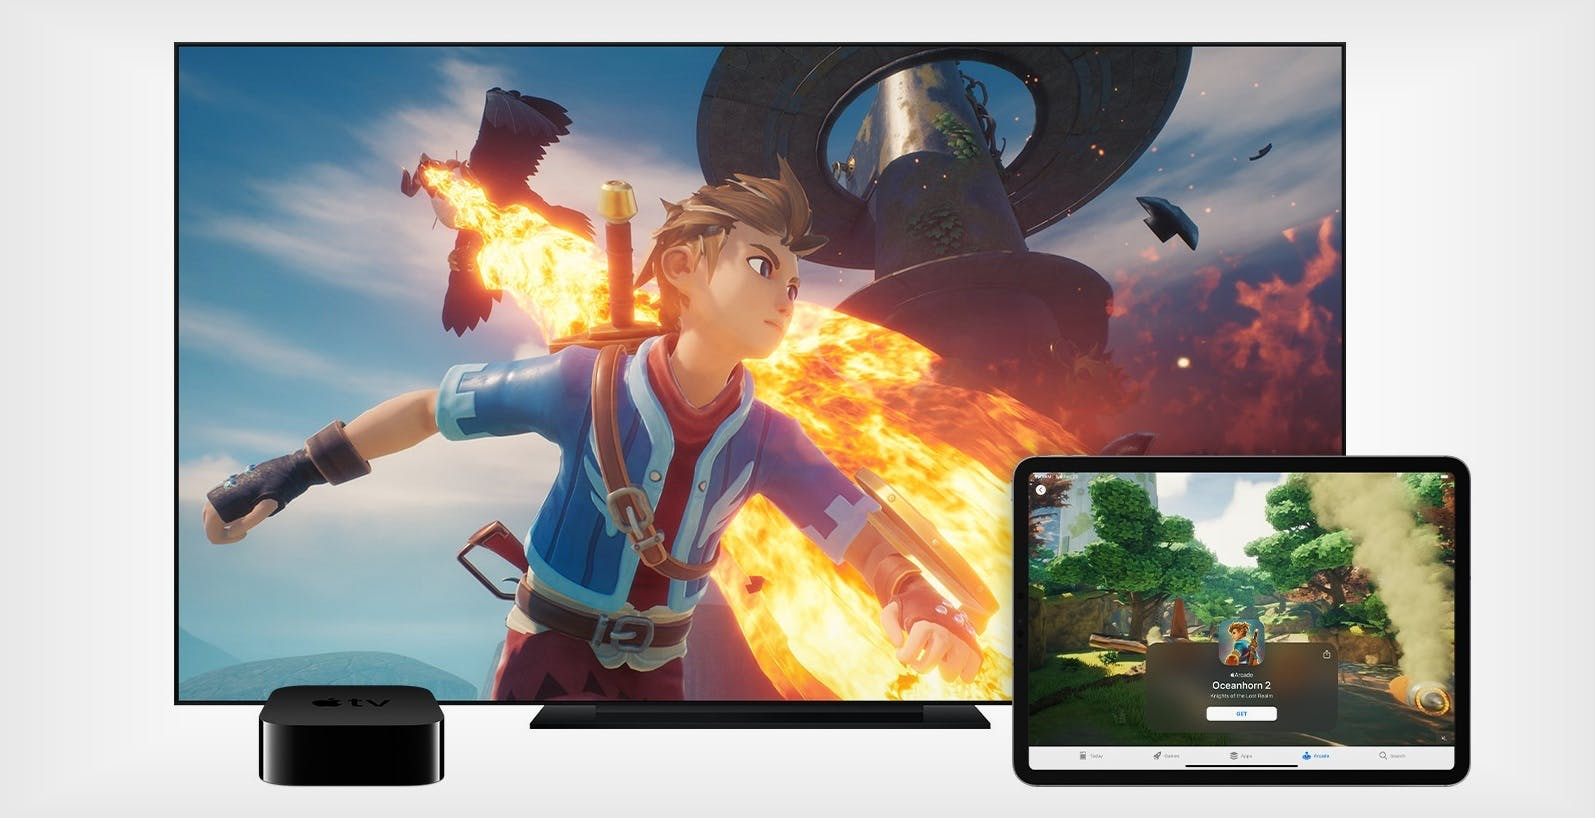 Apple, due nuovi modelli di Apple TV in arrivo. Cresce l'investimento su Arcade: giochi da console e un controller dedicato